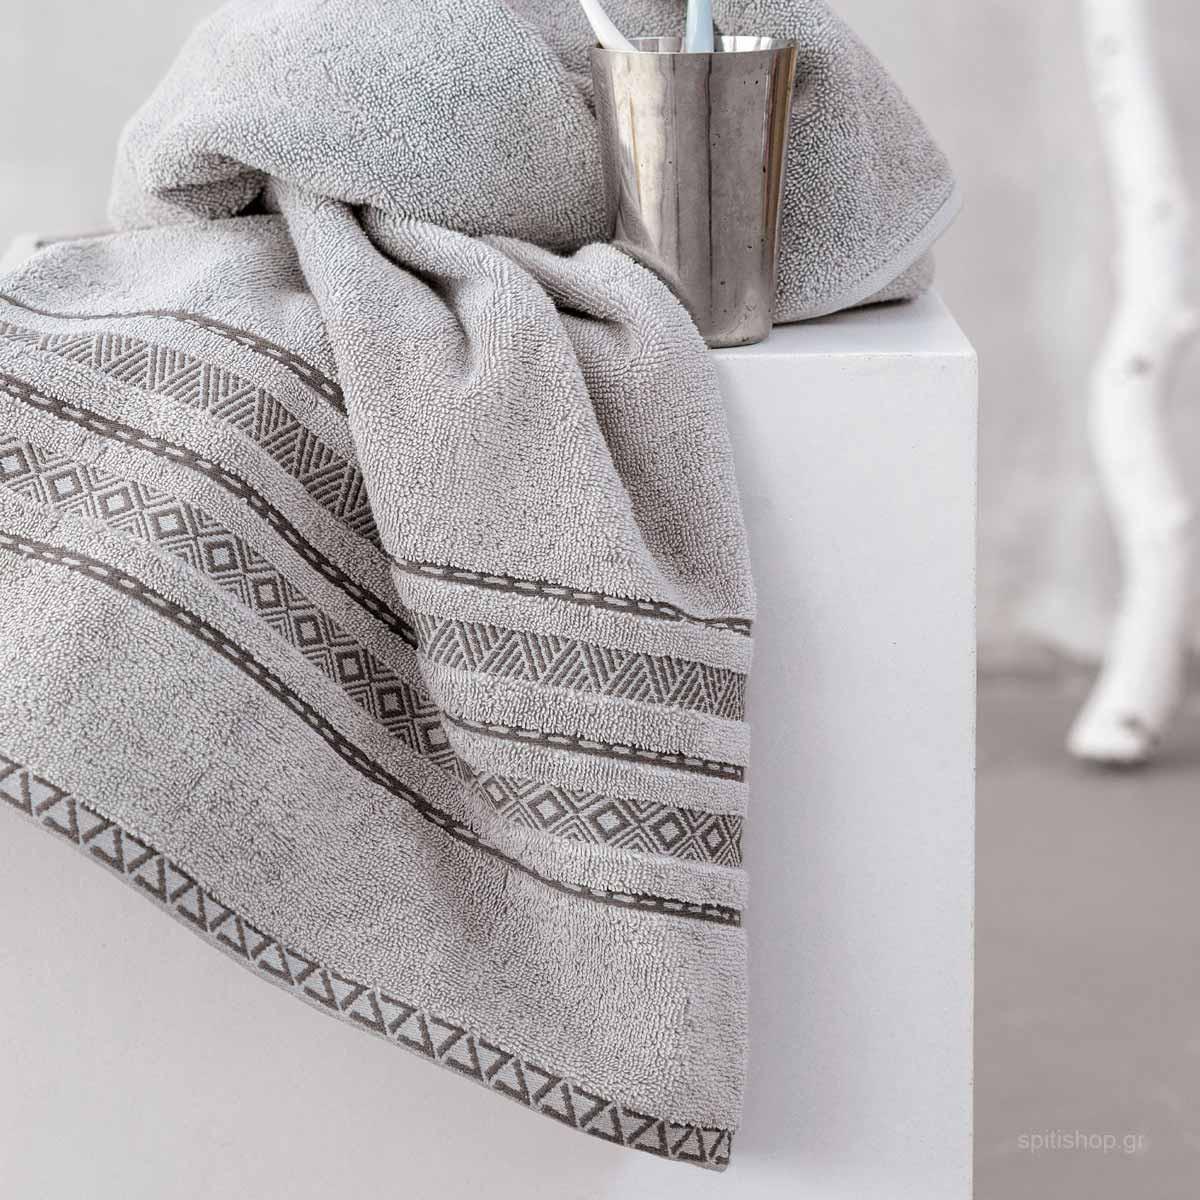 Πετσέτες Μπάνιου (Σετ 3τμχ) Palamaiki Towels Longa